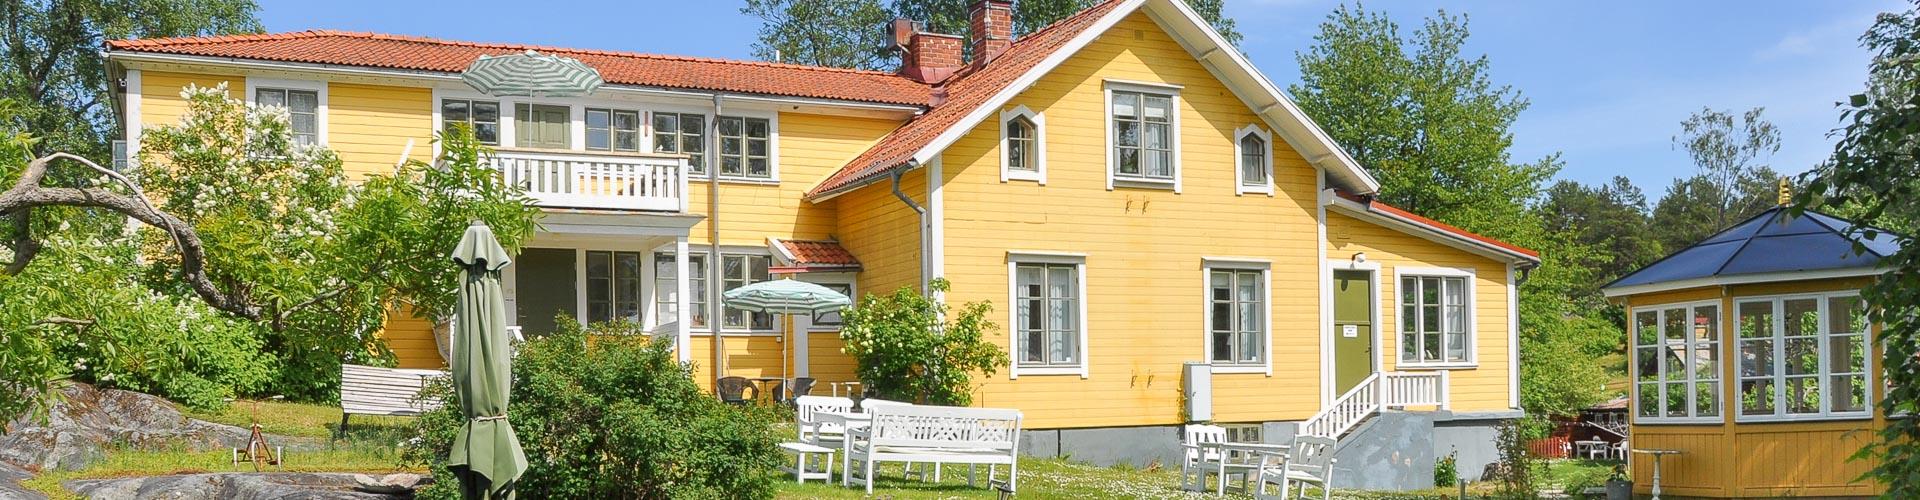 Exteriörbild Pensionat Solgården